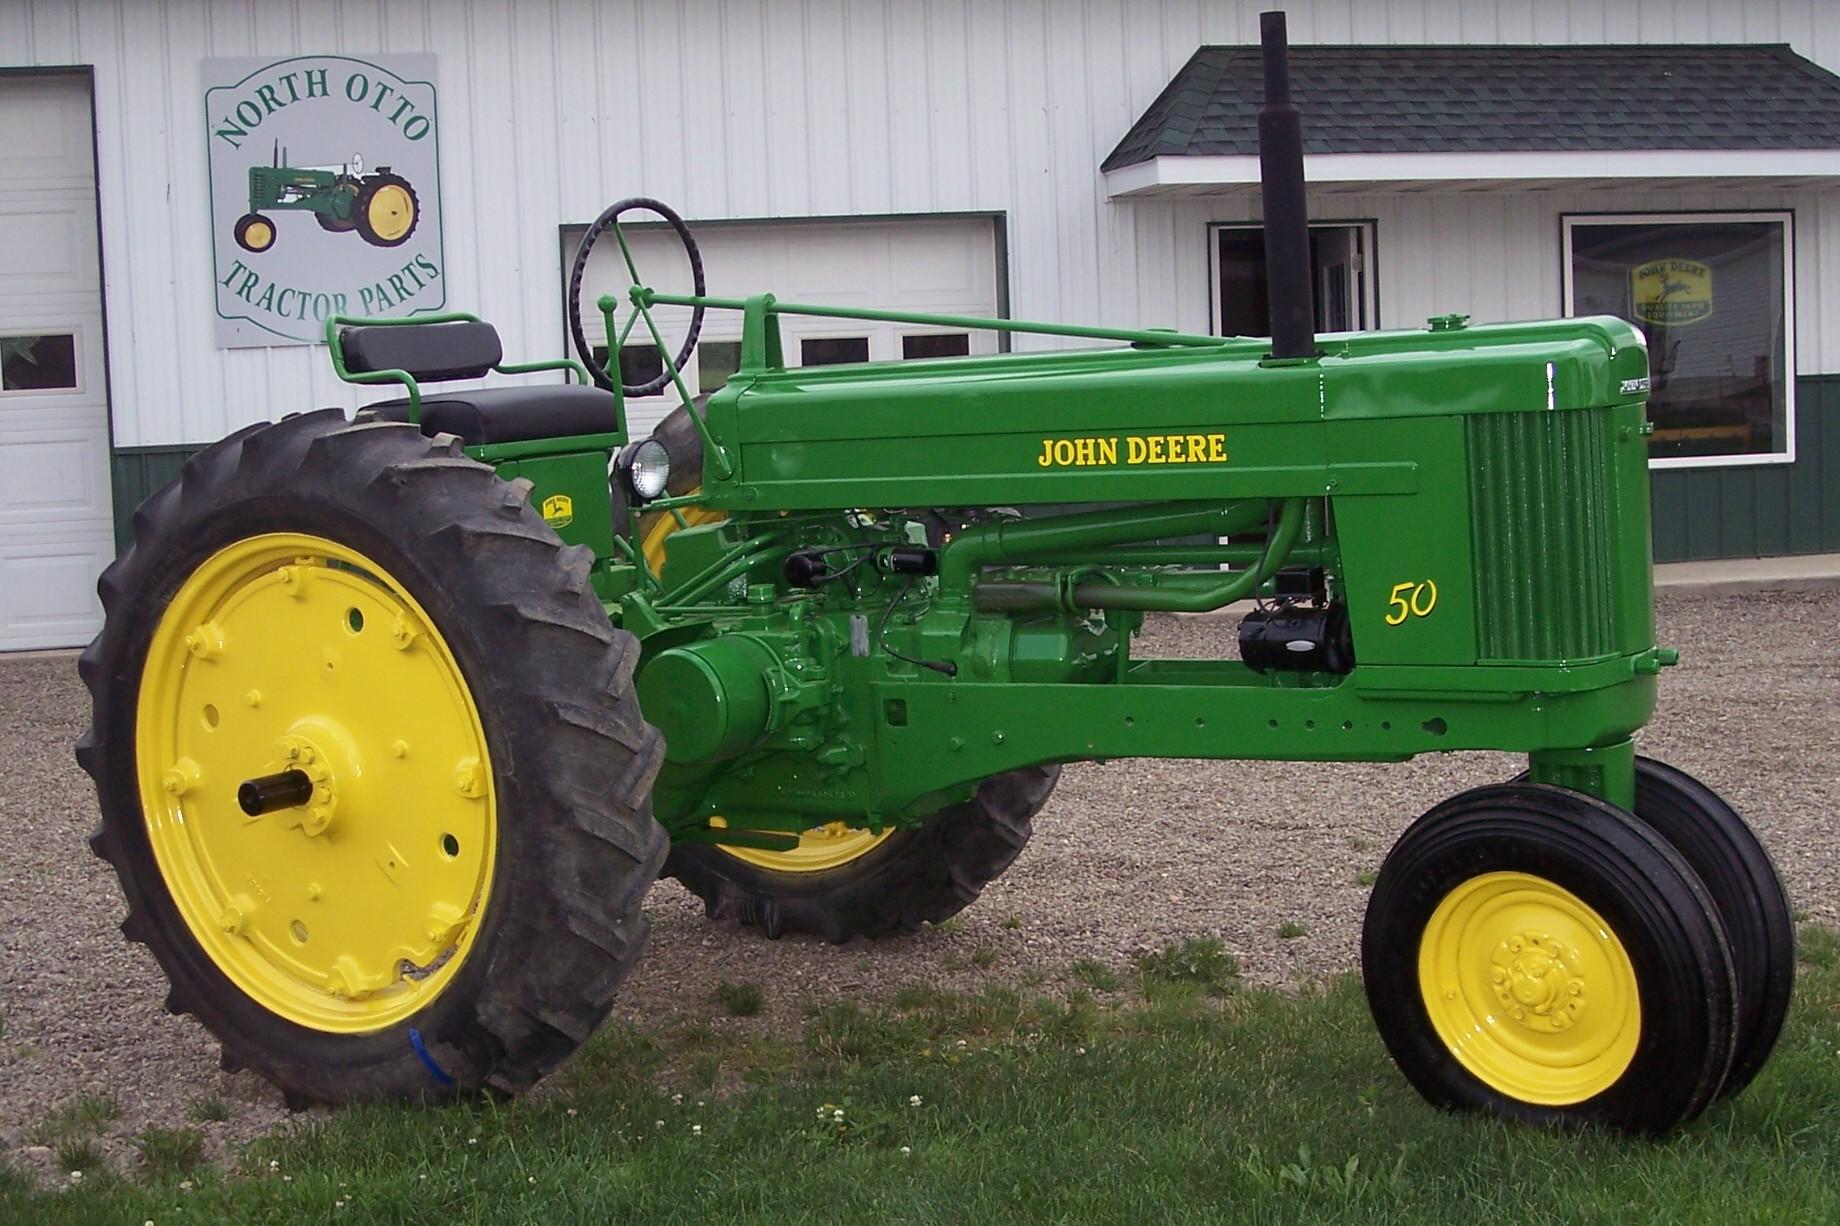 John Deere 50 Tractor Parts   John Deere Parts: John Deere